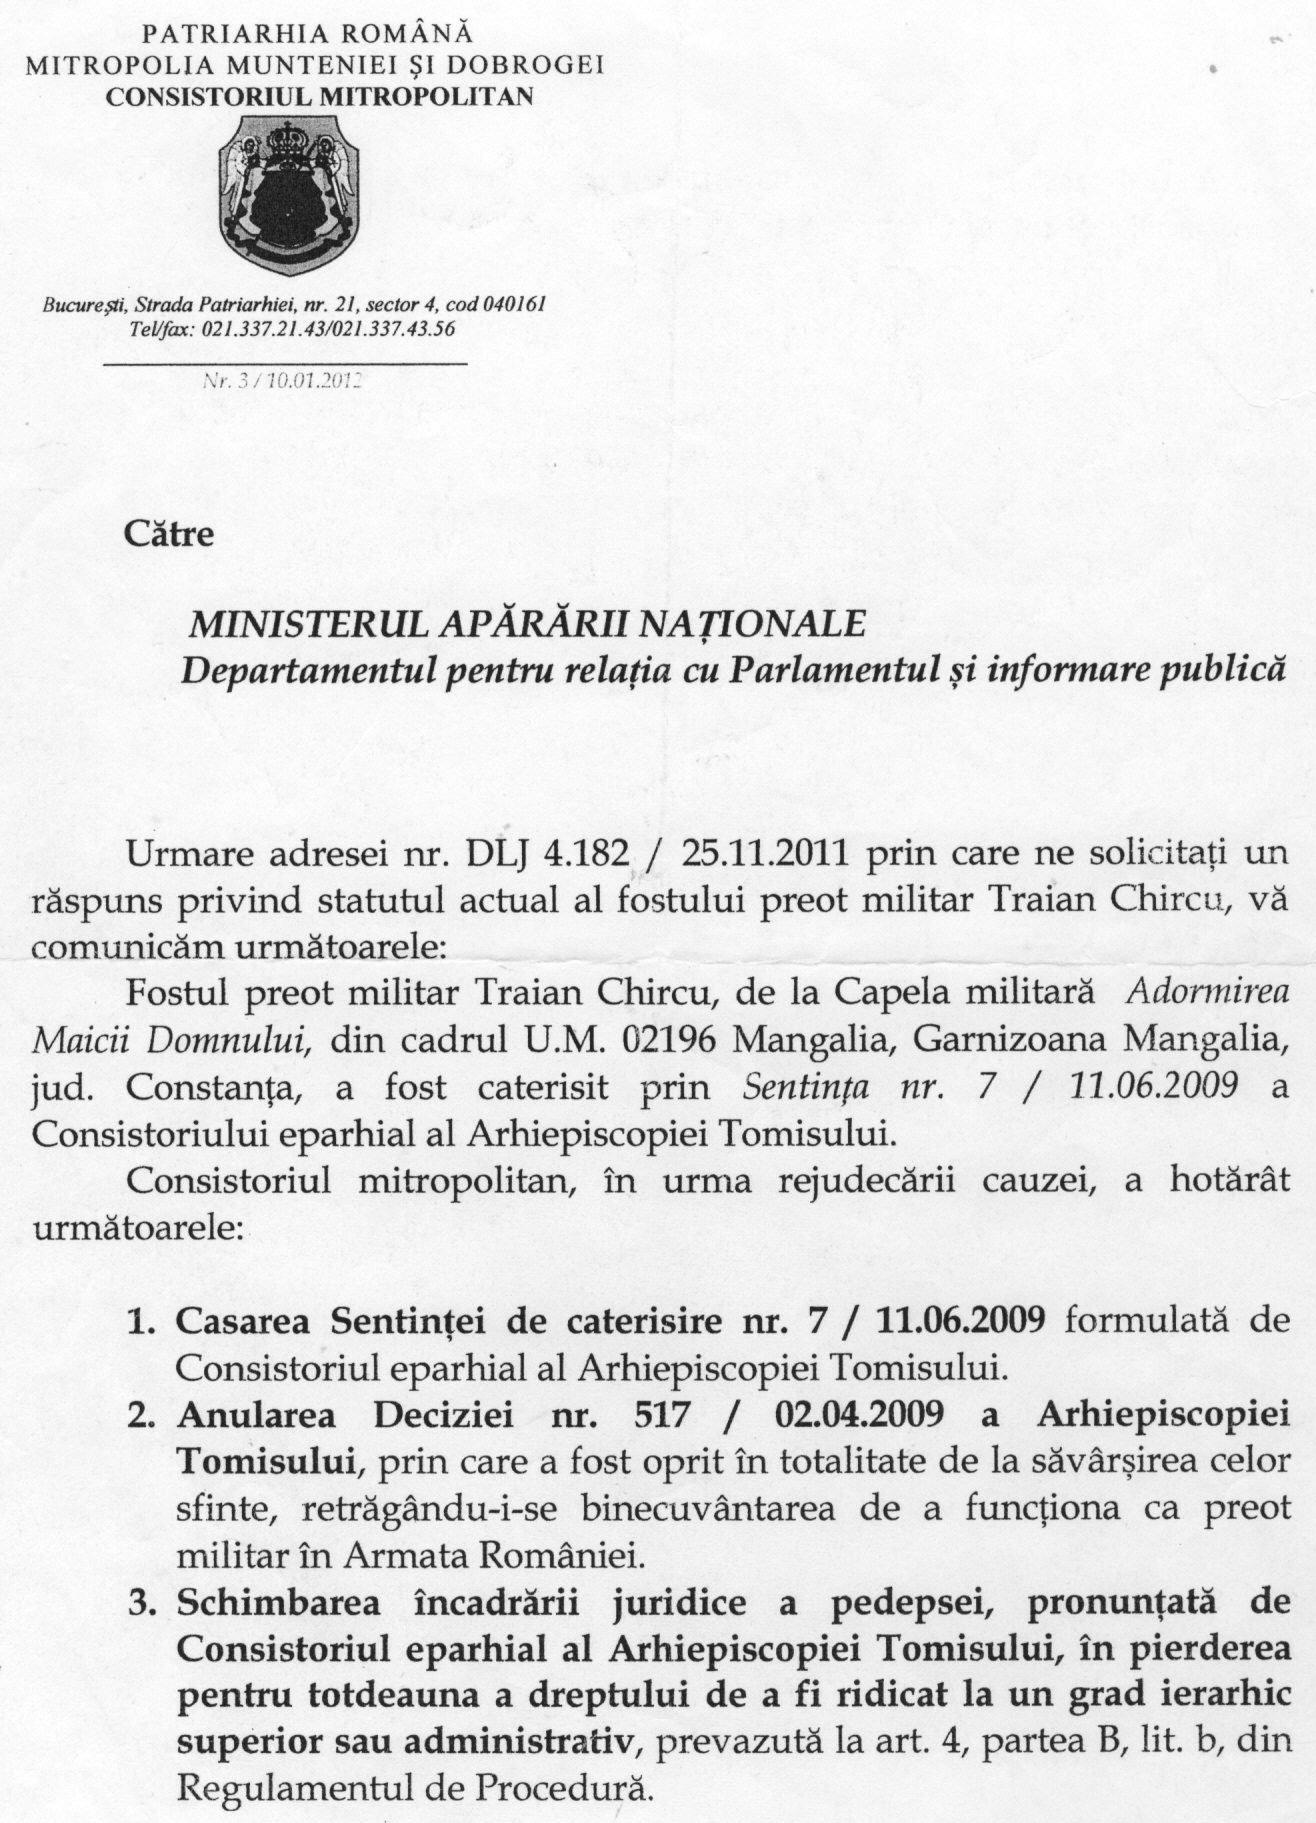 Adresa nr. 3/ 10.01.2012 a Consistoriului Mitropolitan al Mitropoliei Munteniei și Dobrogei către M.Ap.N., prin care se comunica hotărârea de casare a sentinței de caterisire a Arhiepiscopiei Tomisului.